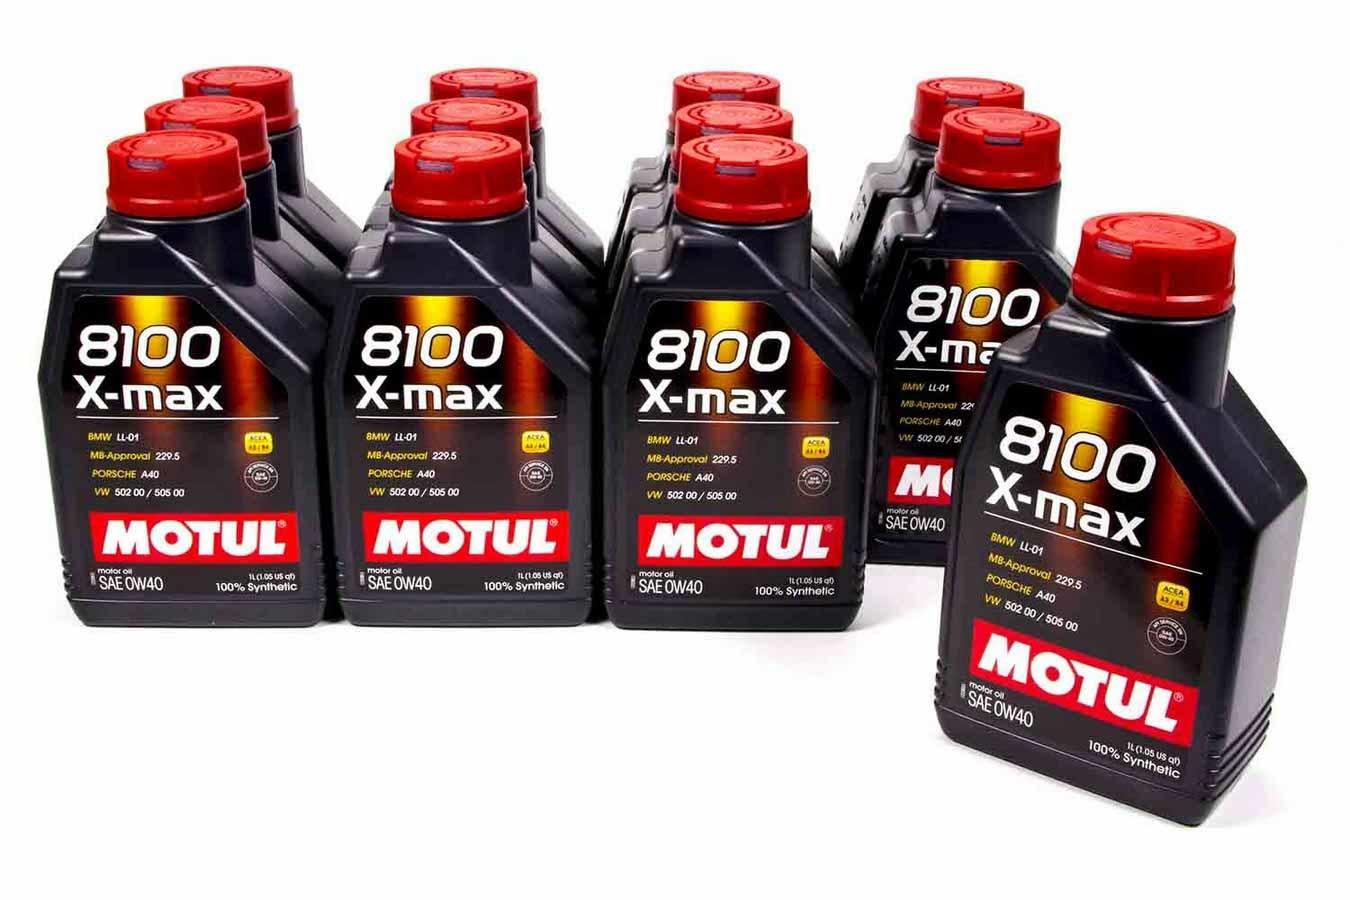 8100 0w40 X-Max Oil Case 12x1 Liter